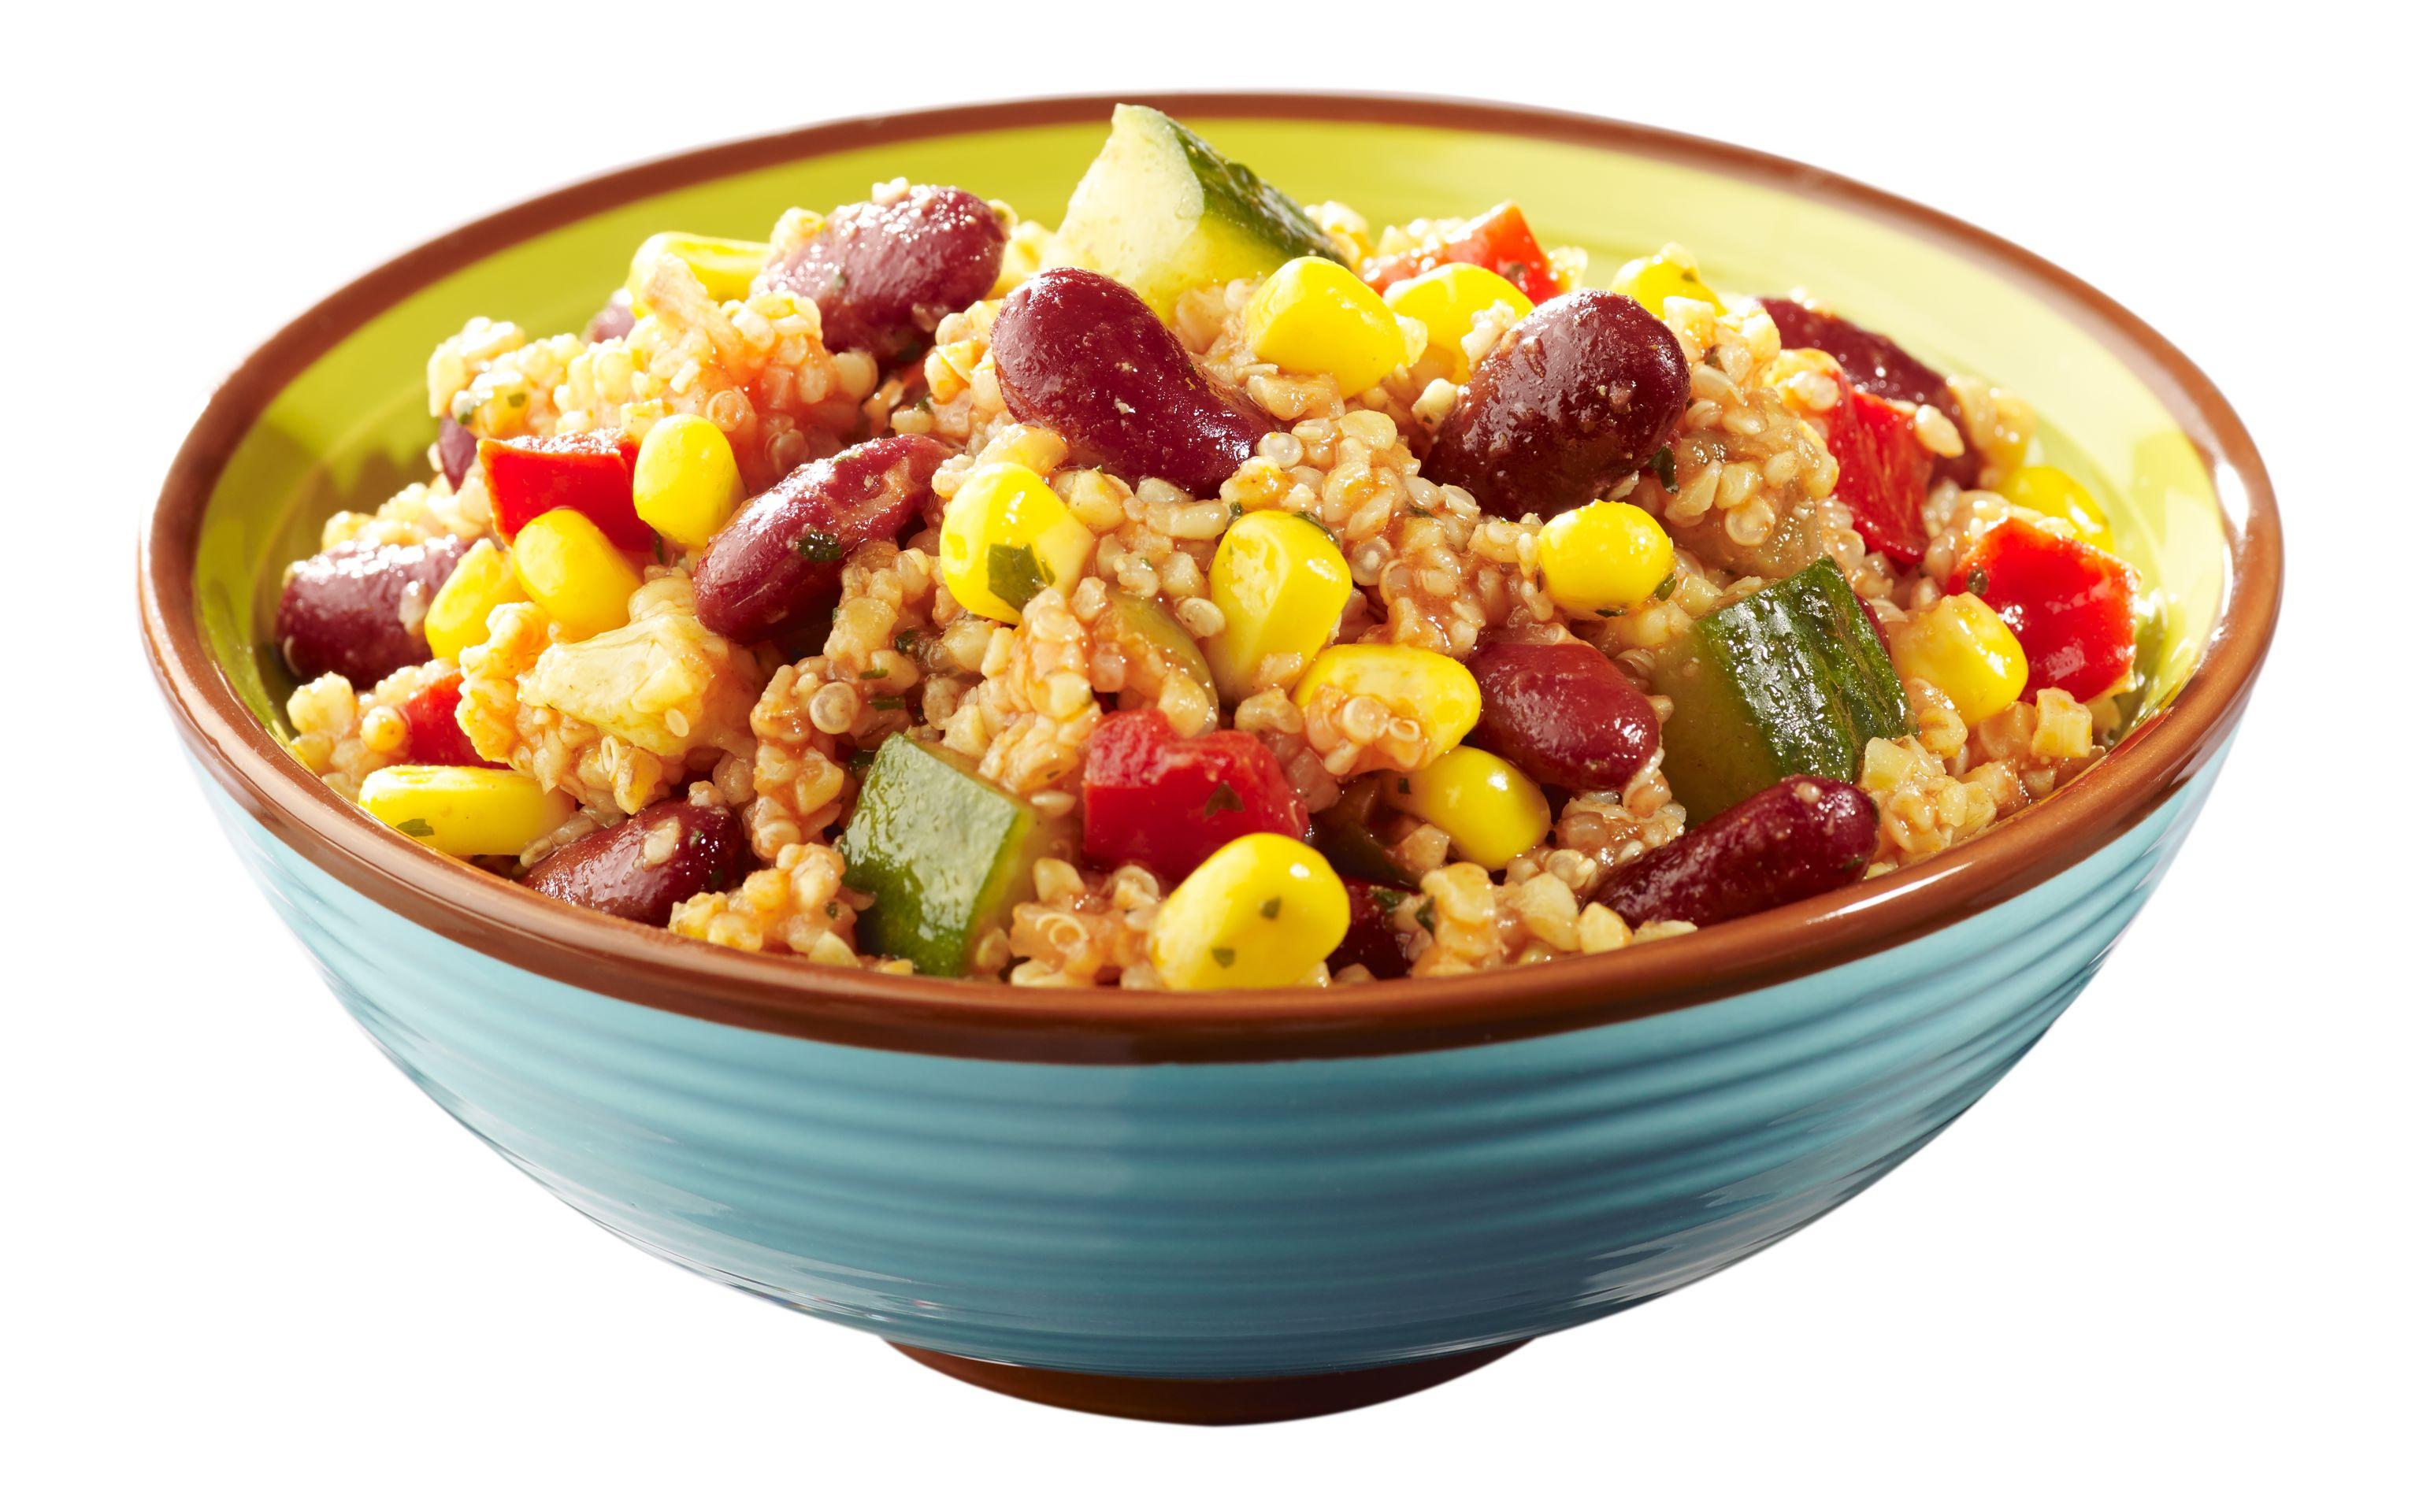 GRAINES DE SALADE - Boulgour, quinoa, cumin